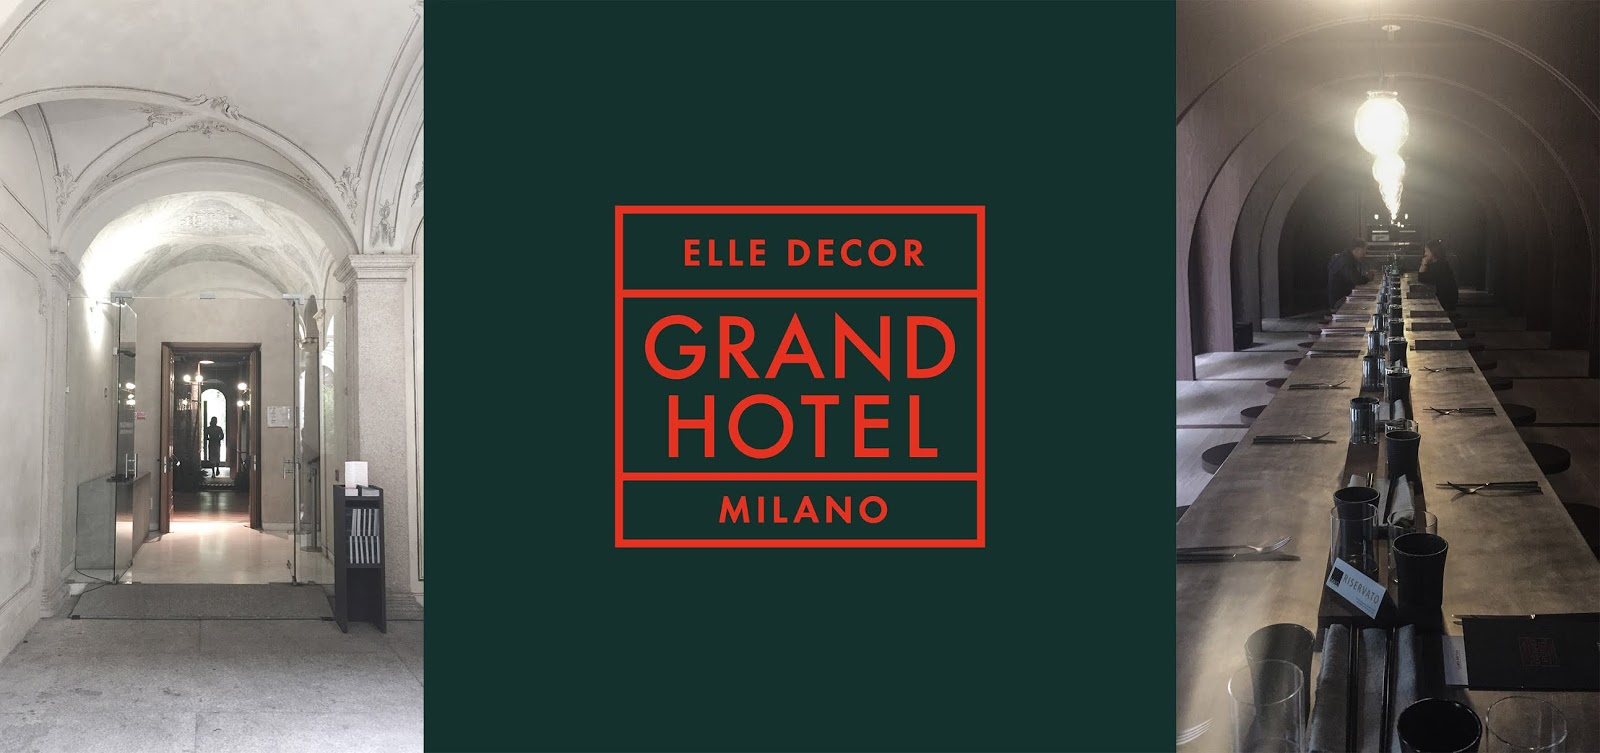 Elle decor grand hotel 2018 invisible rooms by neri hu for Elle decor hotel palazzo morando